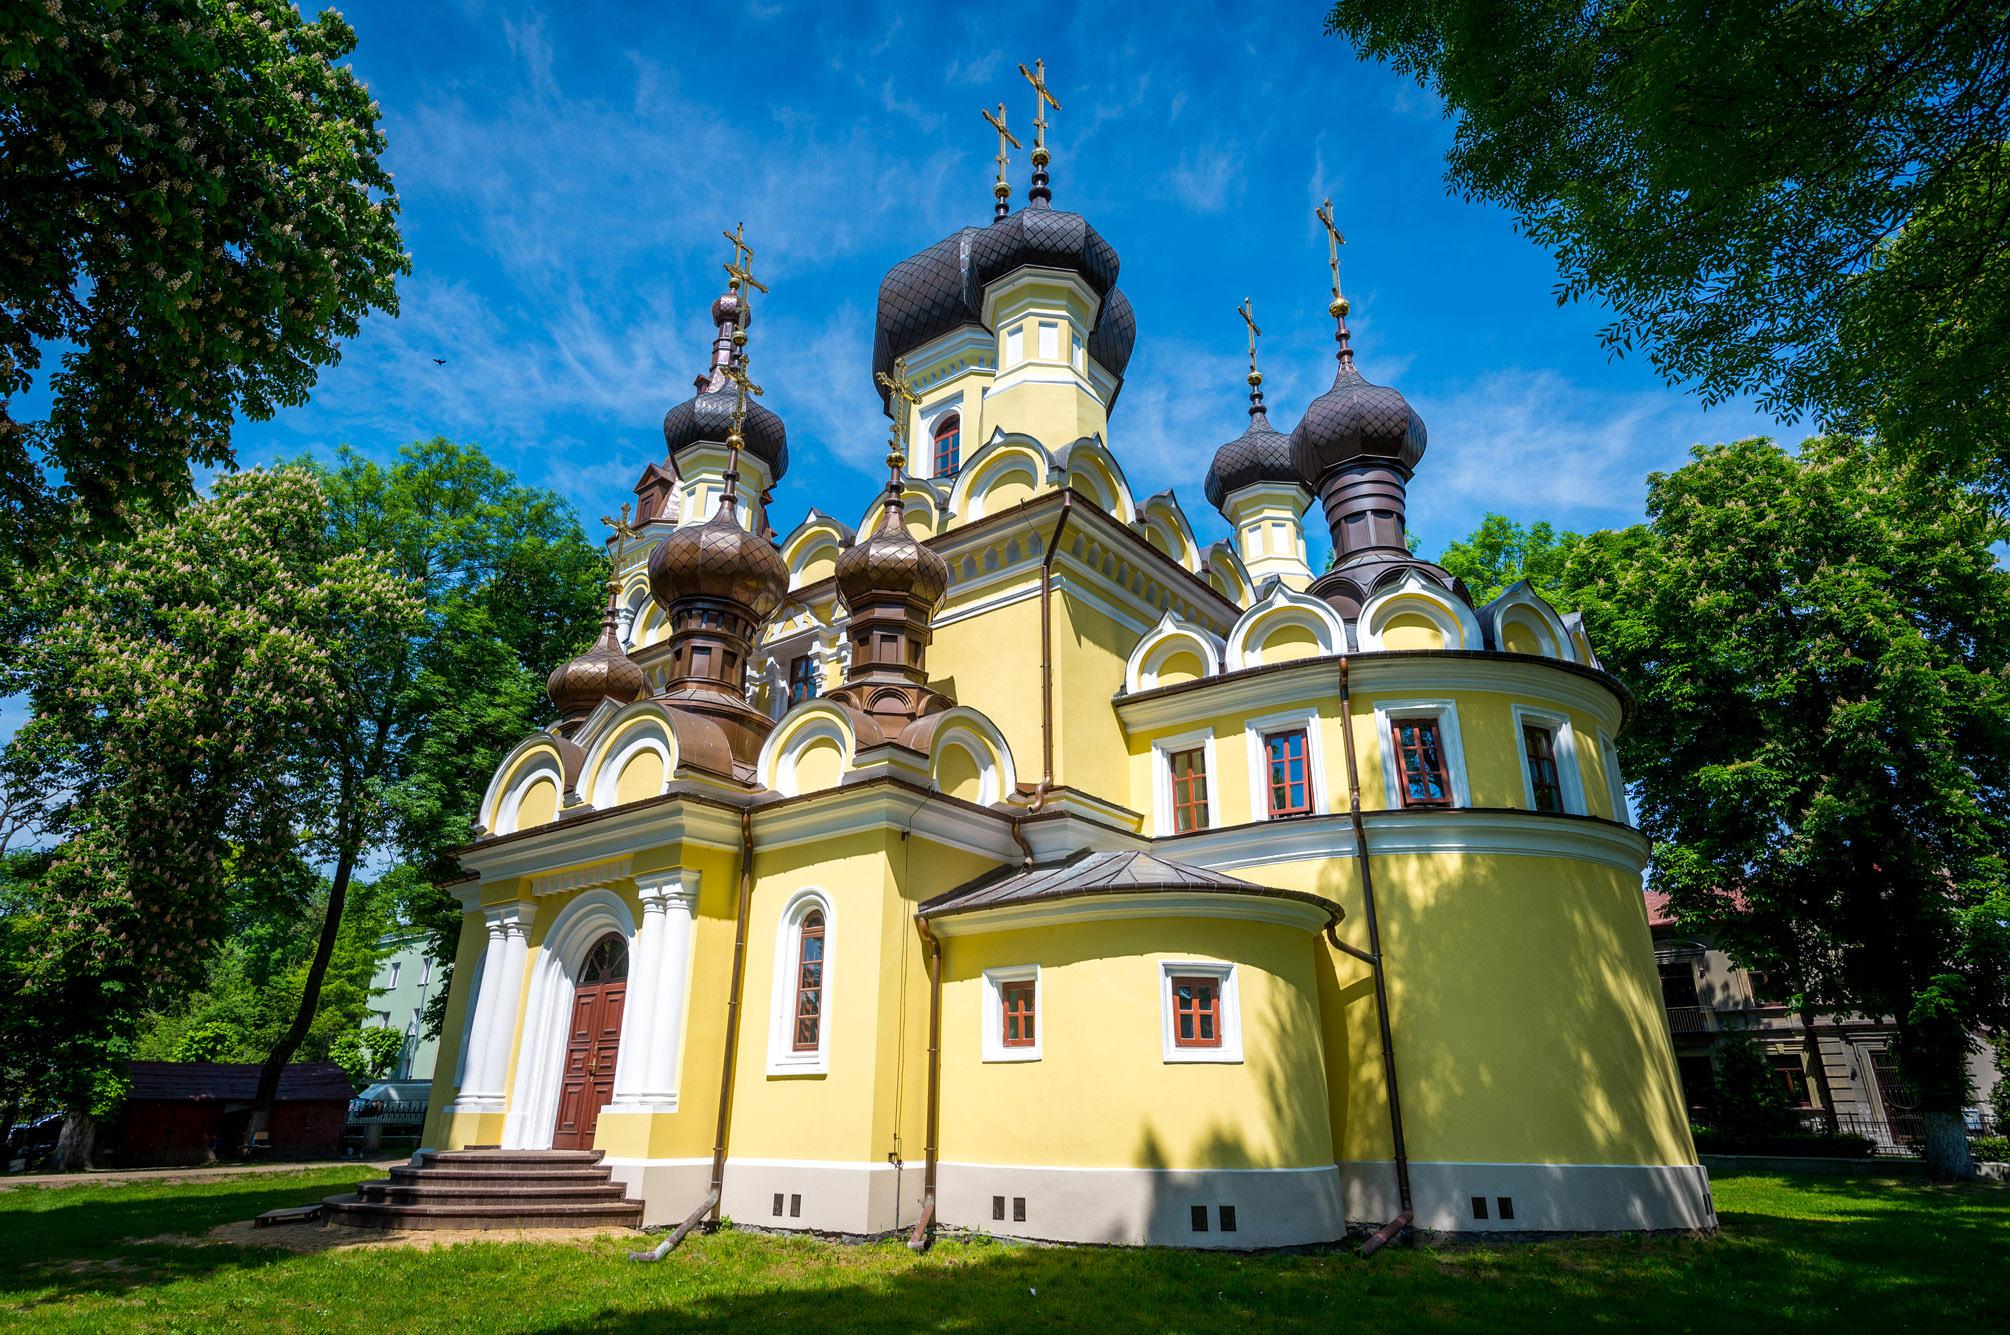 Cerkiew Zaśnięcia Najświętszej Marii Panny w Hrubieszowie